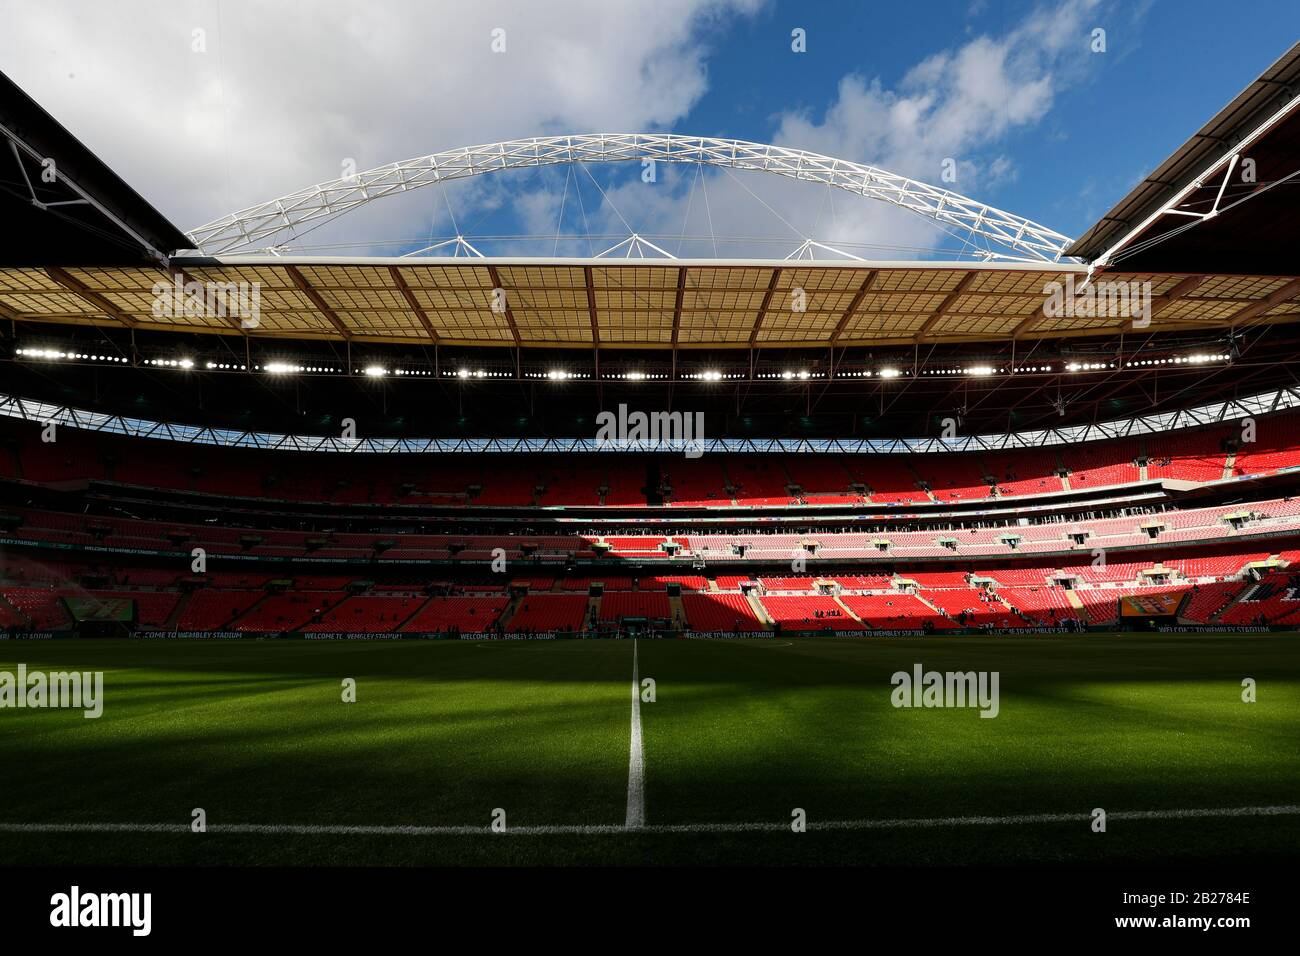 bley bley stadium